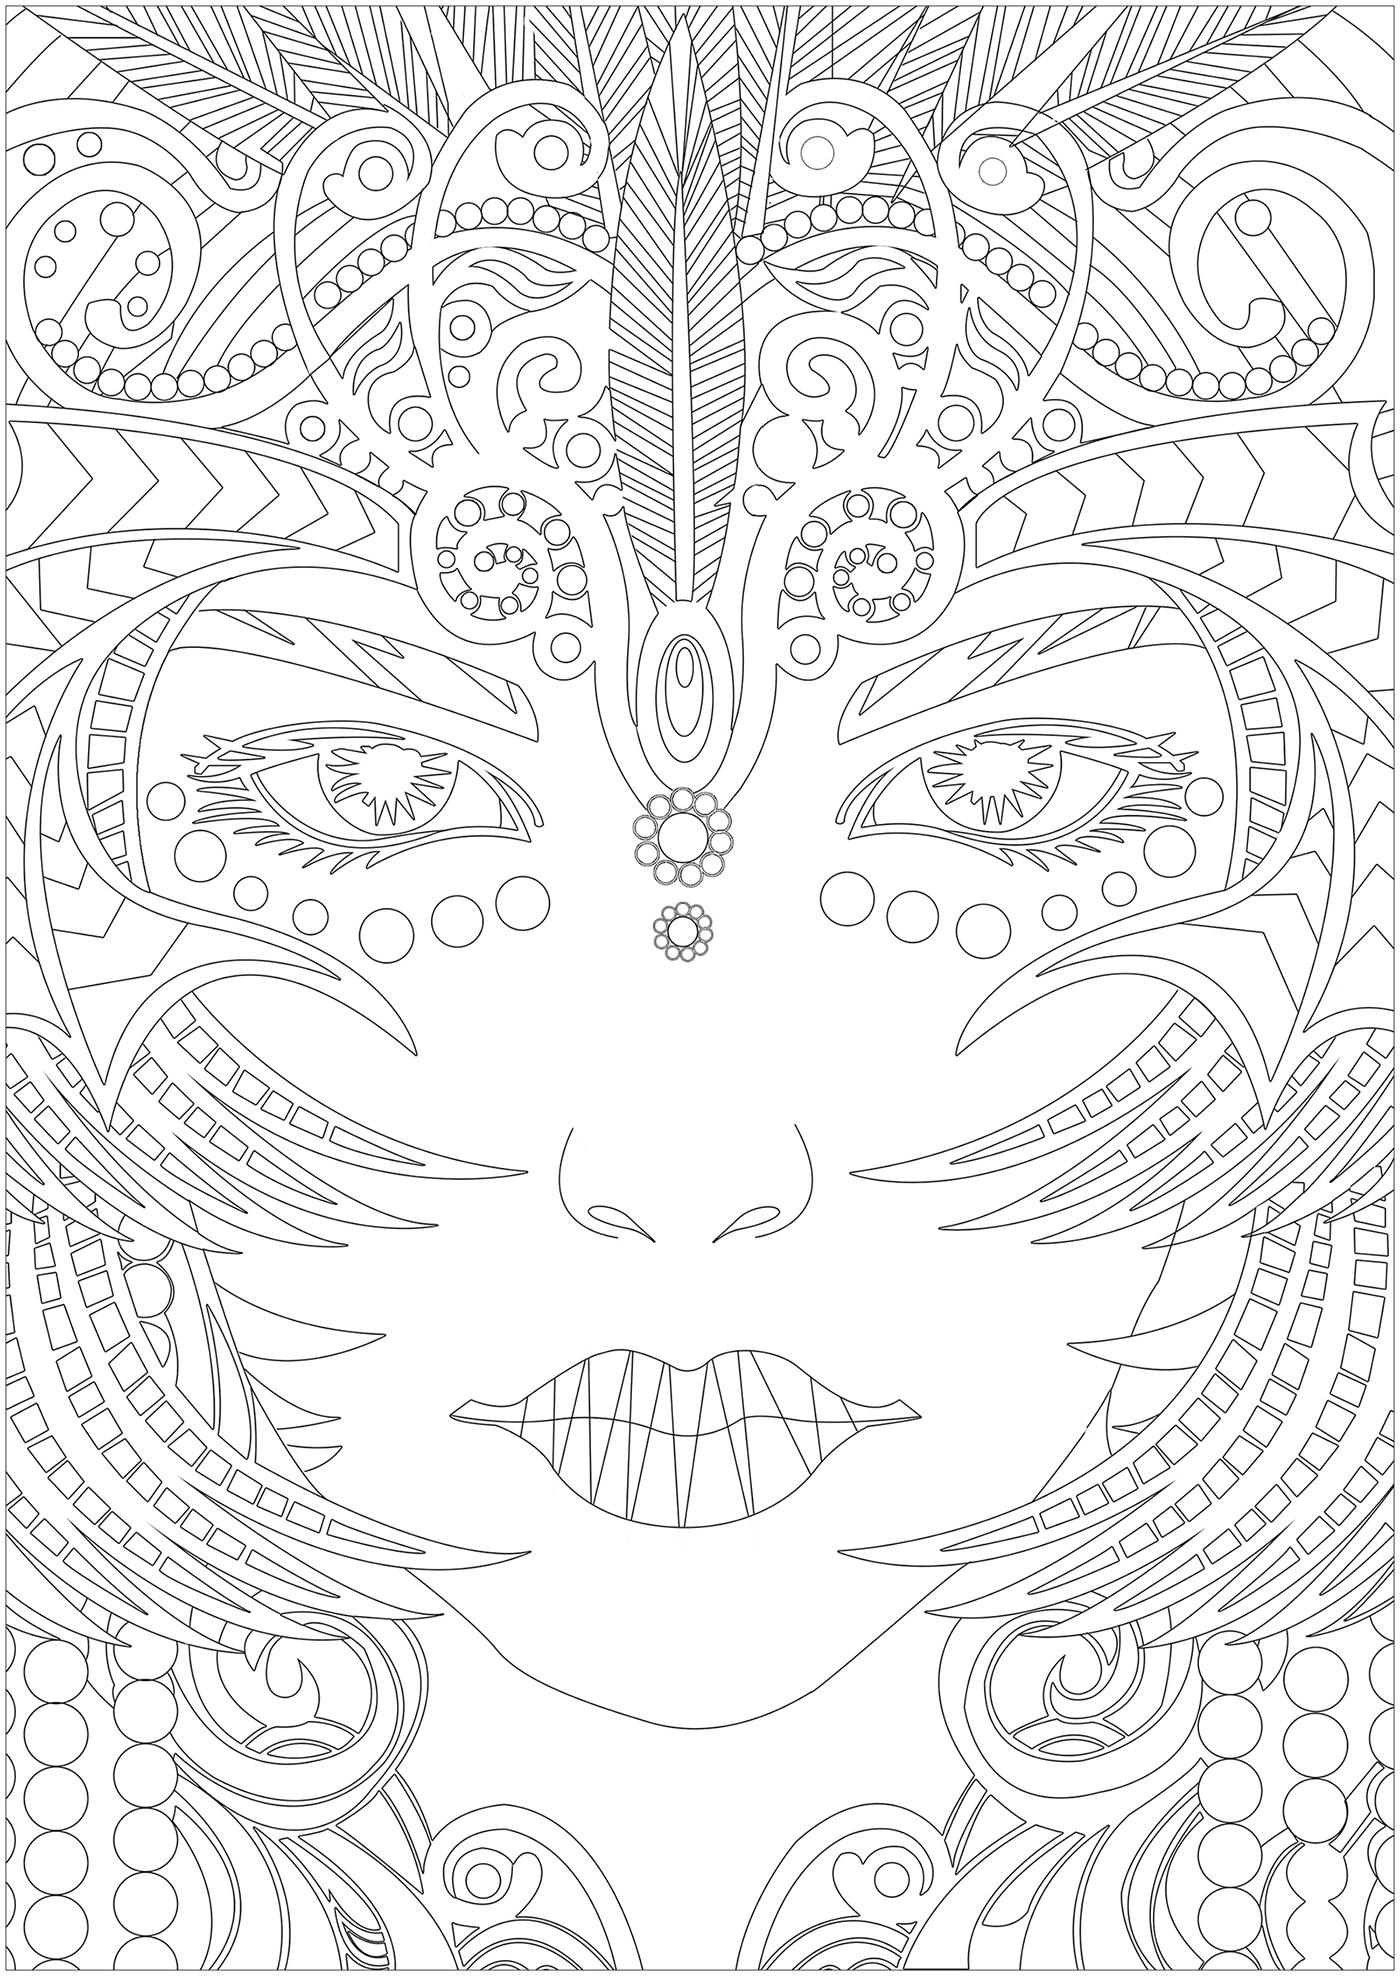 Color this magnificent woman face full of little details. Inspiré d'un dessin de Cristina Mcallister